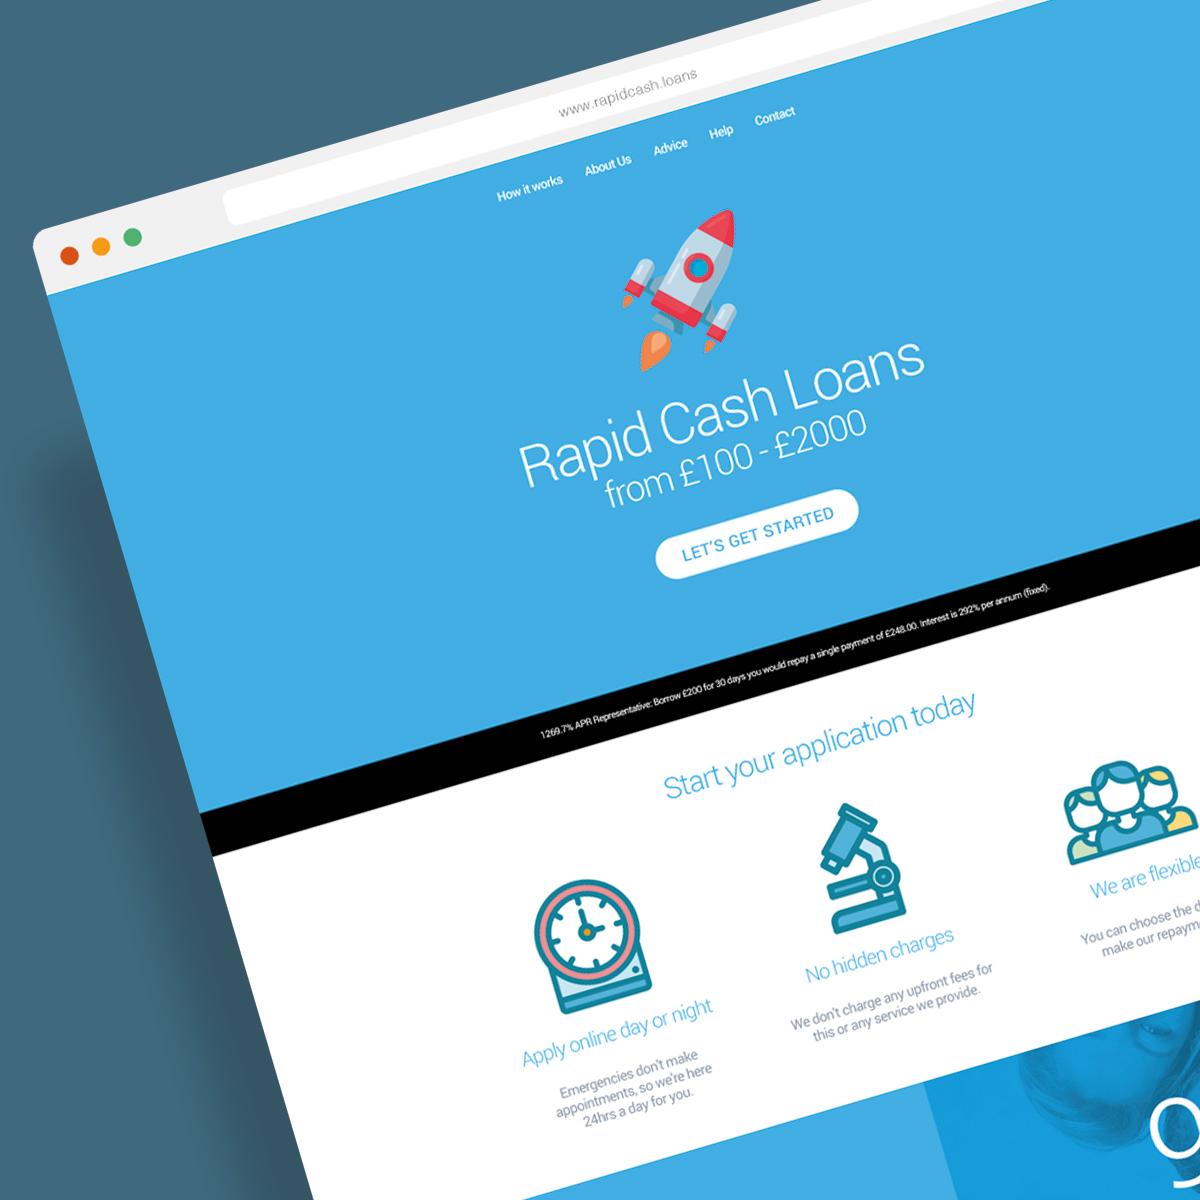 Rapid Cash Loans